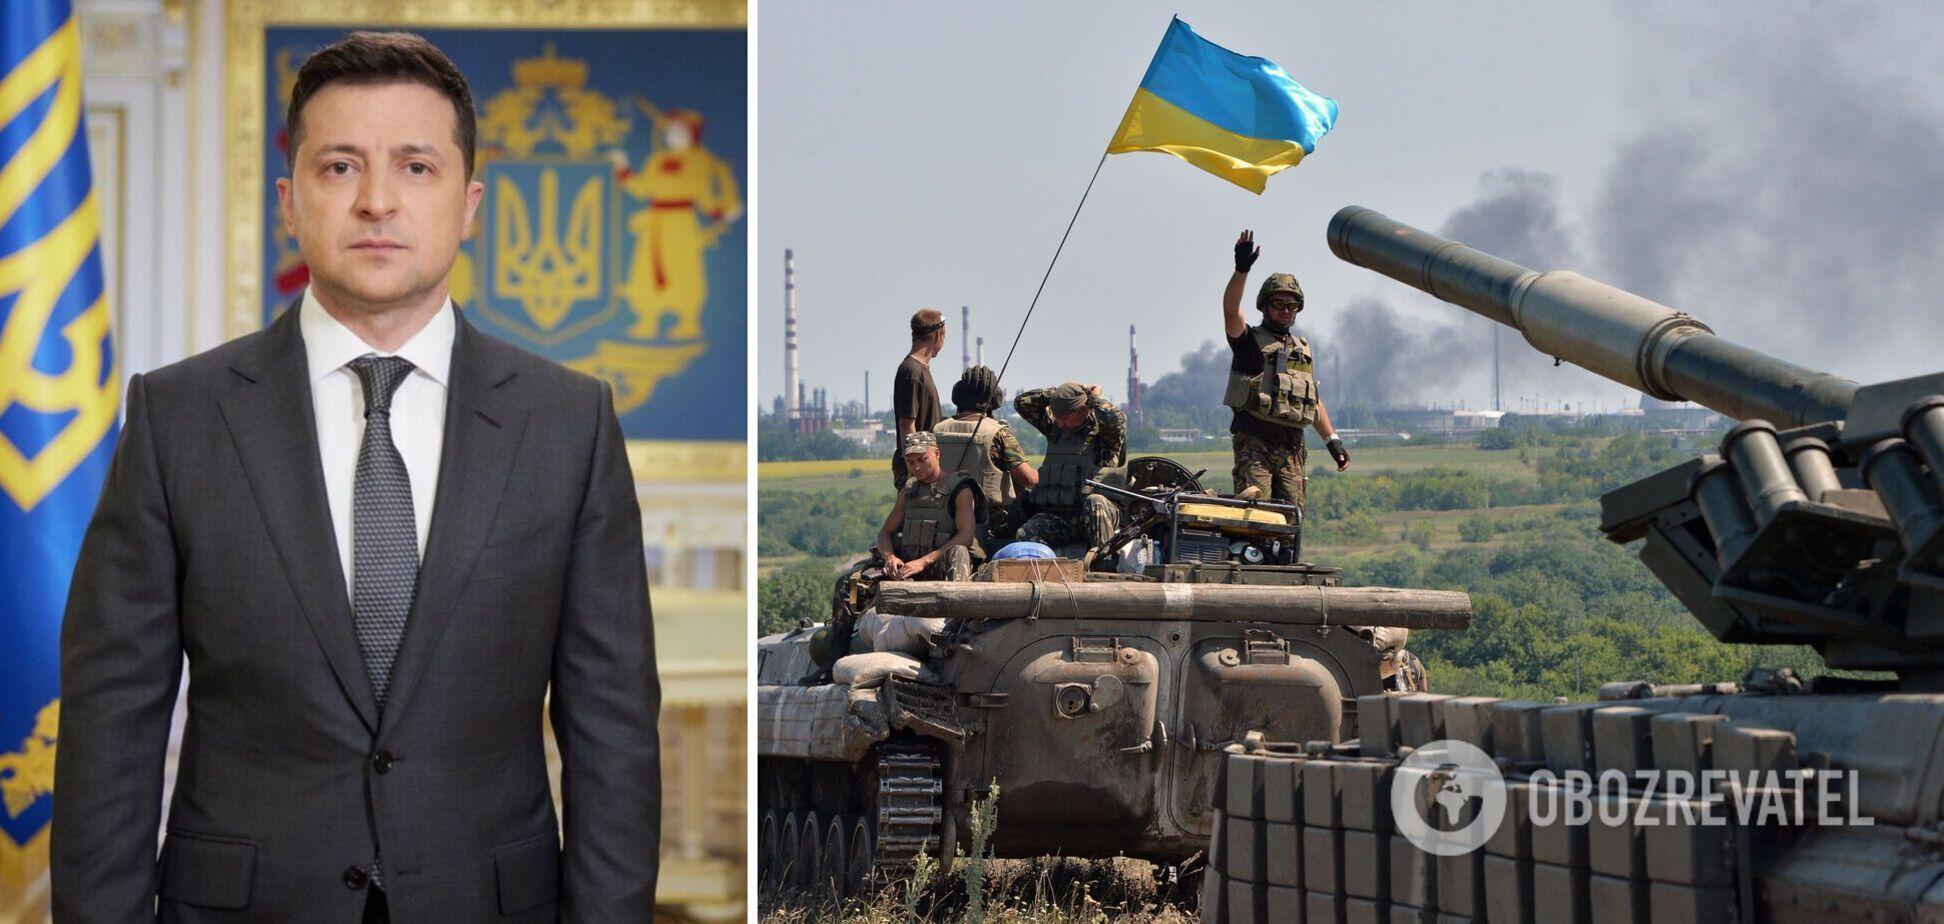 Зеленский поздравил украинских военных с Днем танкиста: готовы остановить врага